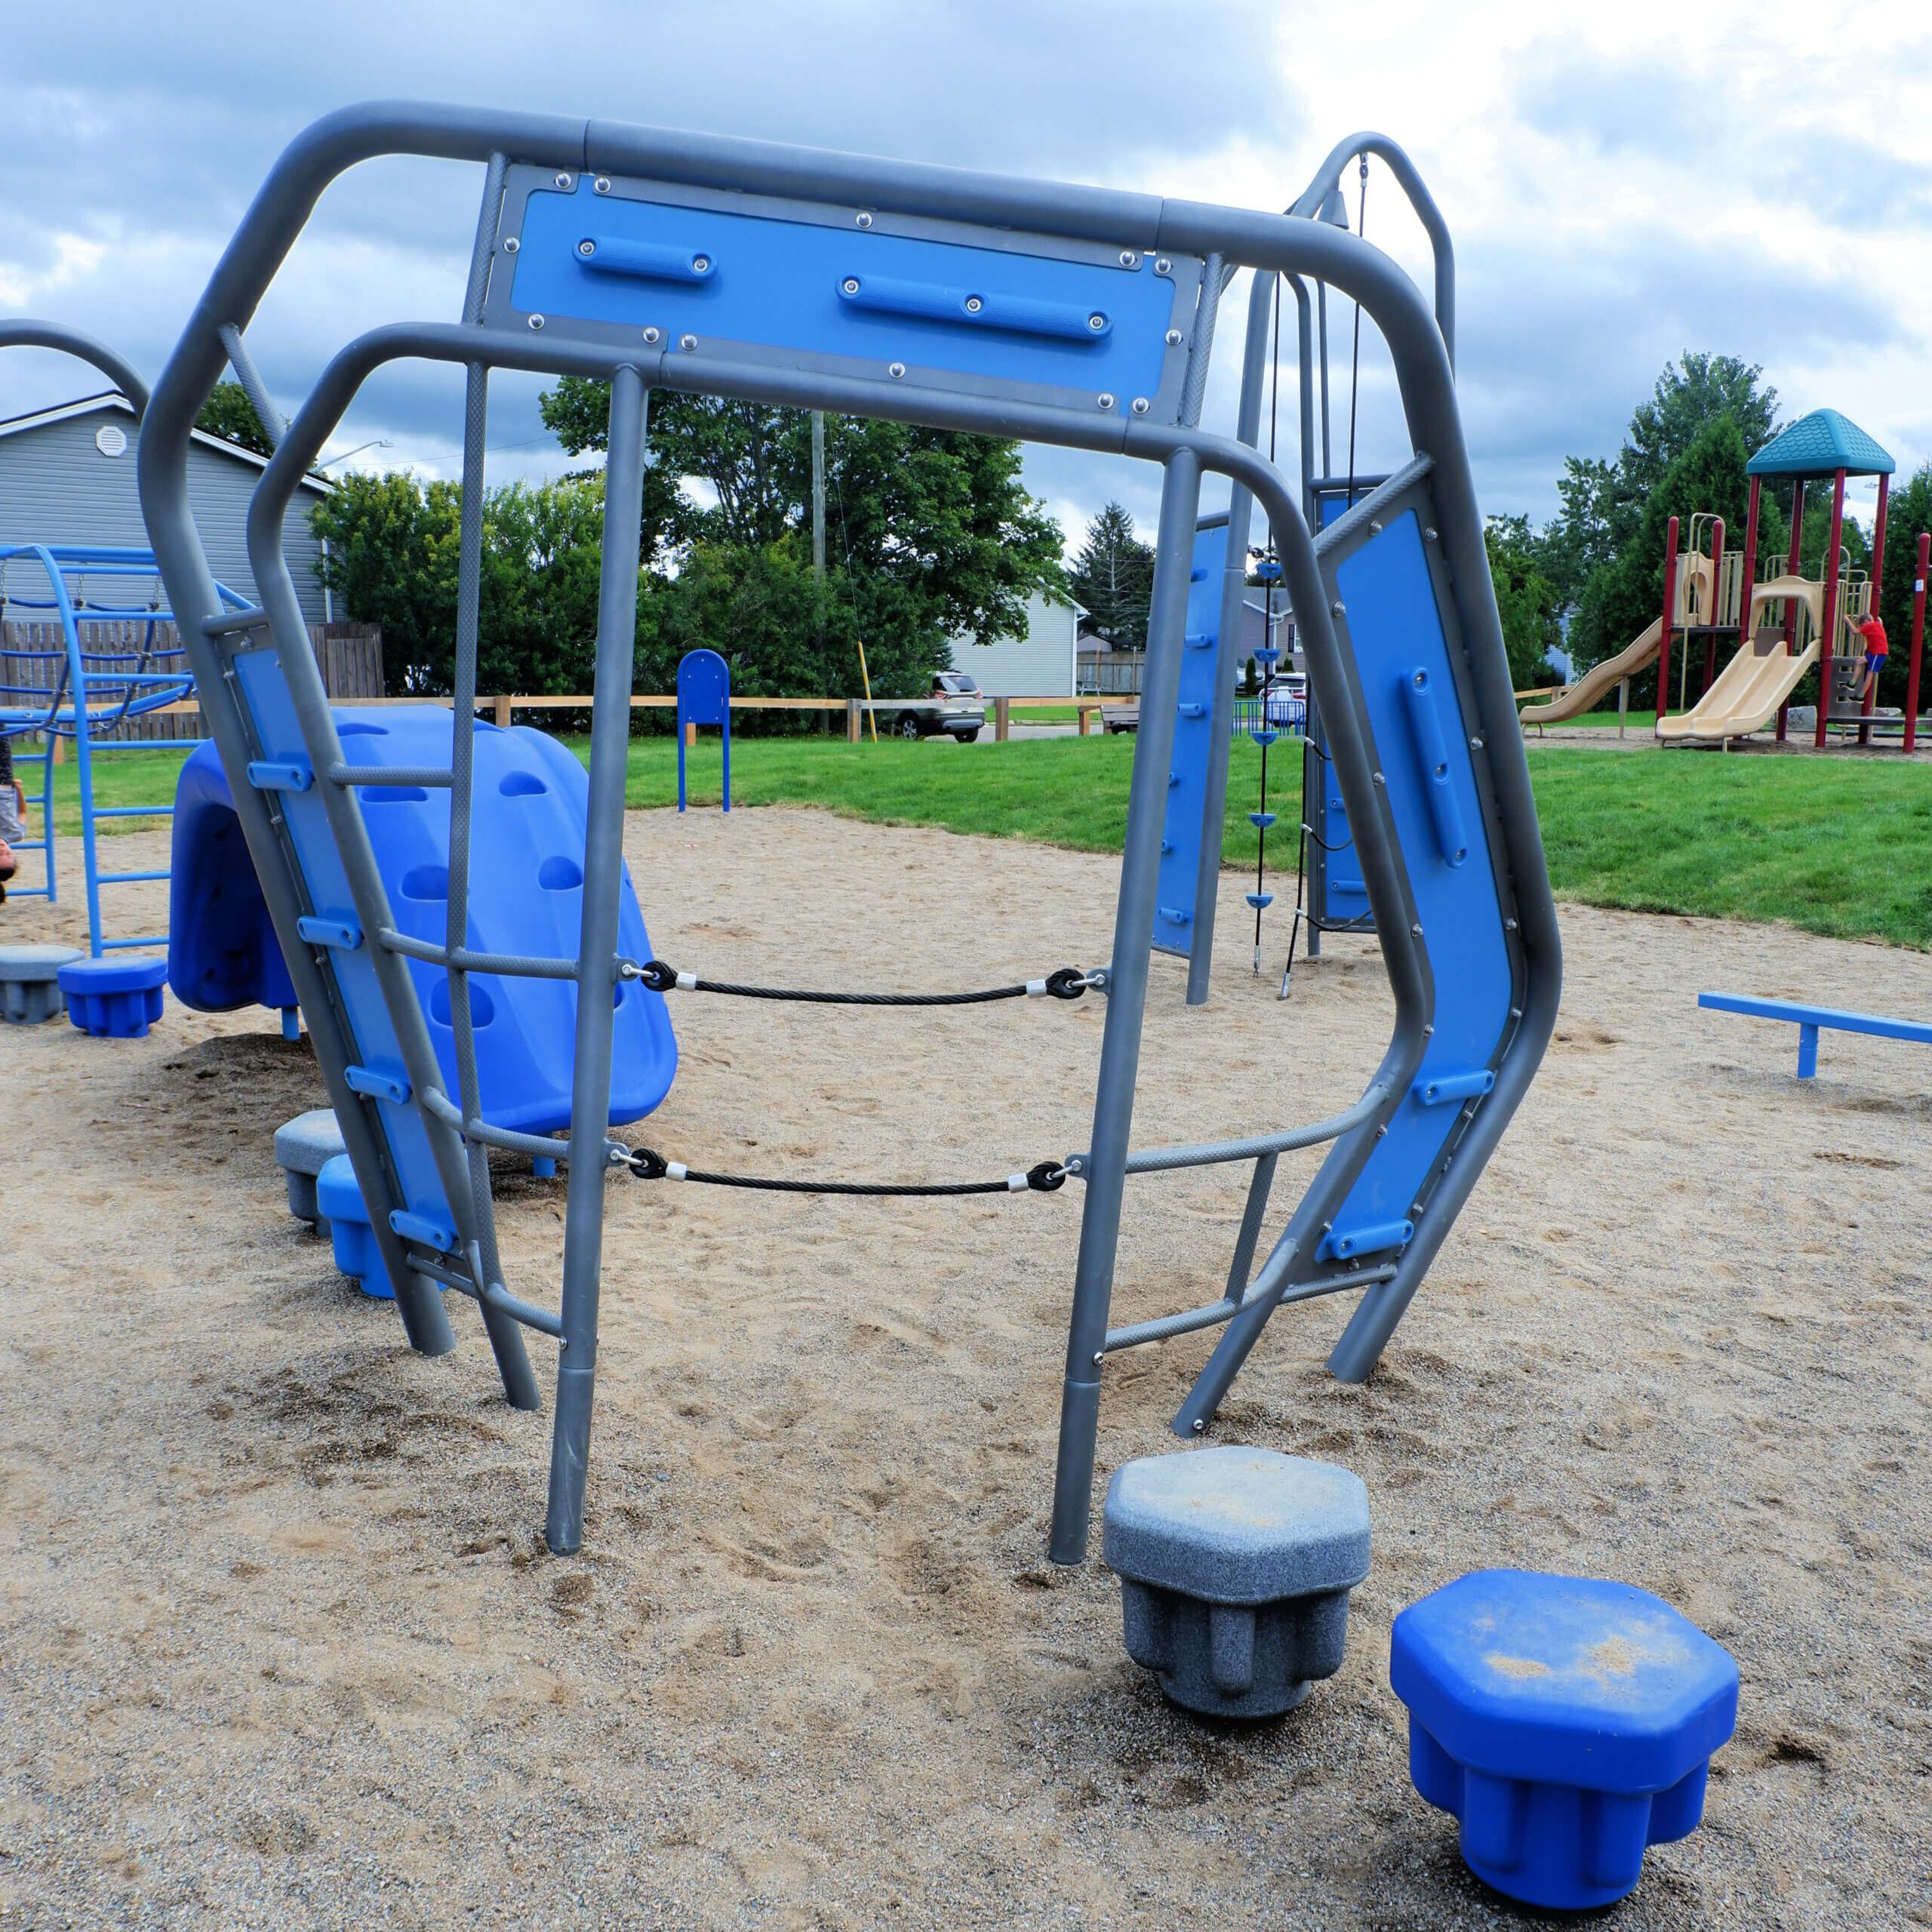 riverview parkour pump track pickle planet moncton playground best